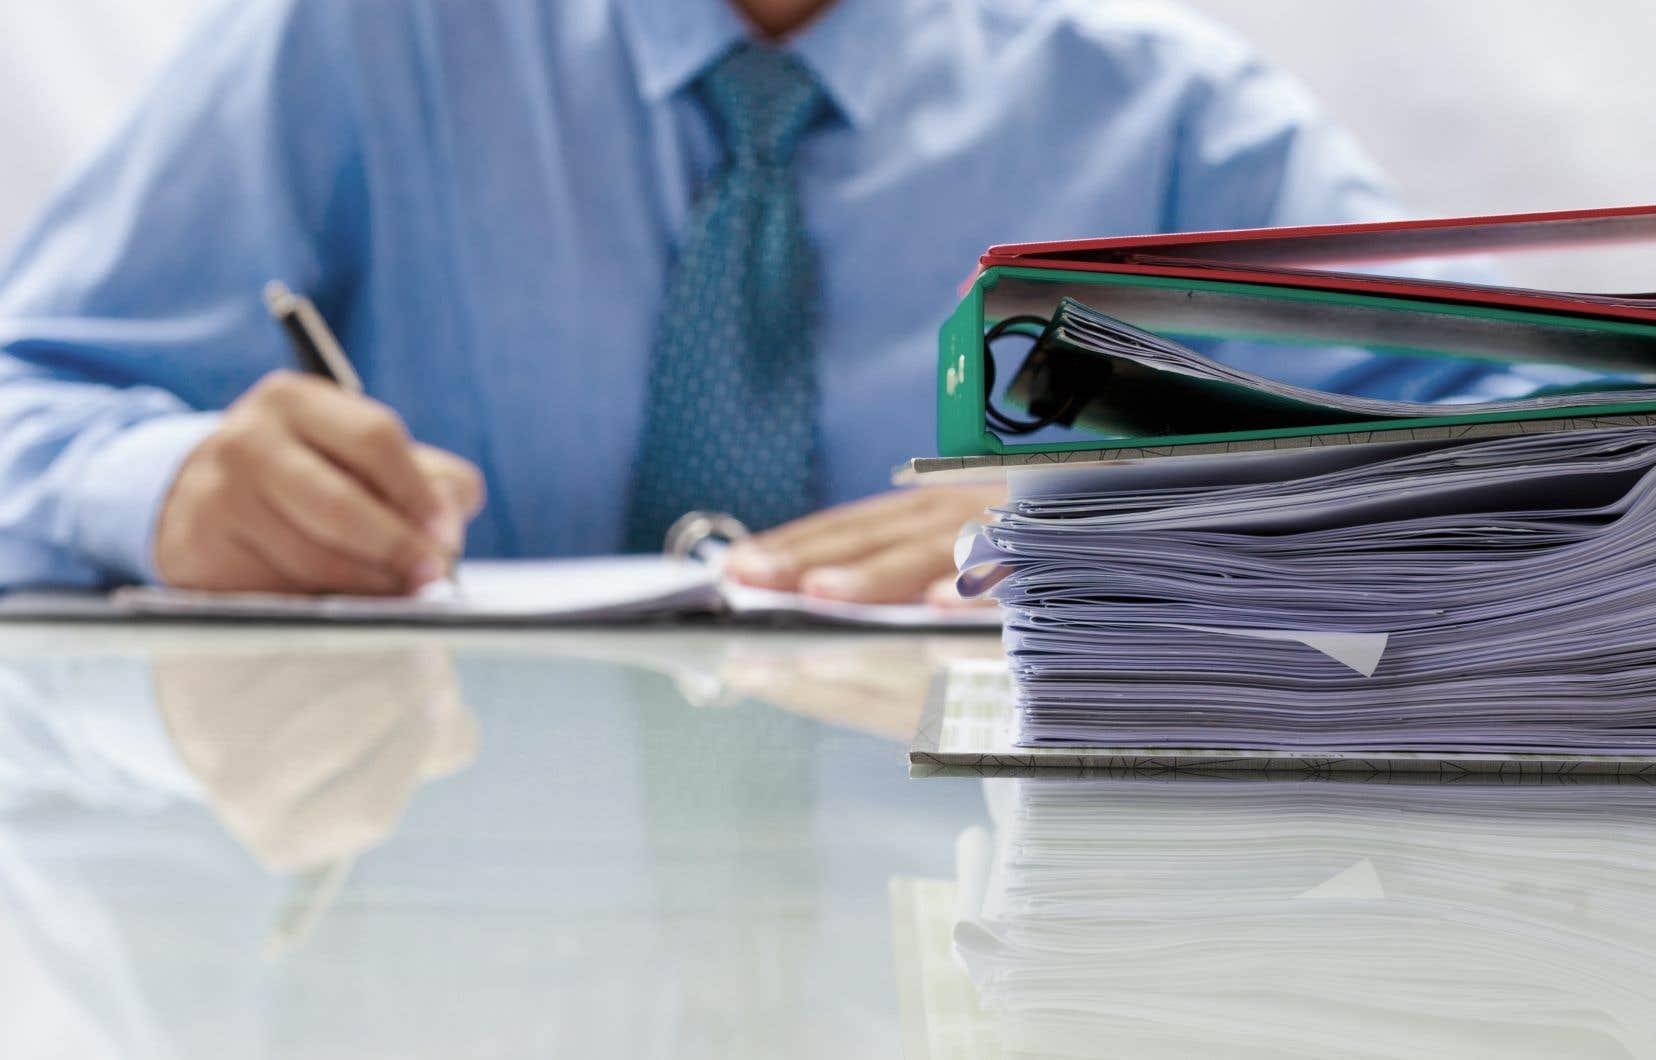 Le coût des formalités administratives a été réduit de 49,5% au cours de la période 2001-2016, pour des économies annuelles de 411 millions pour les entreprises.